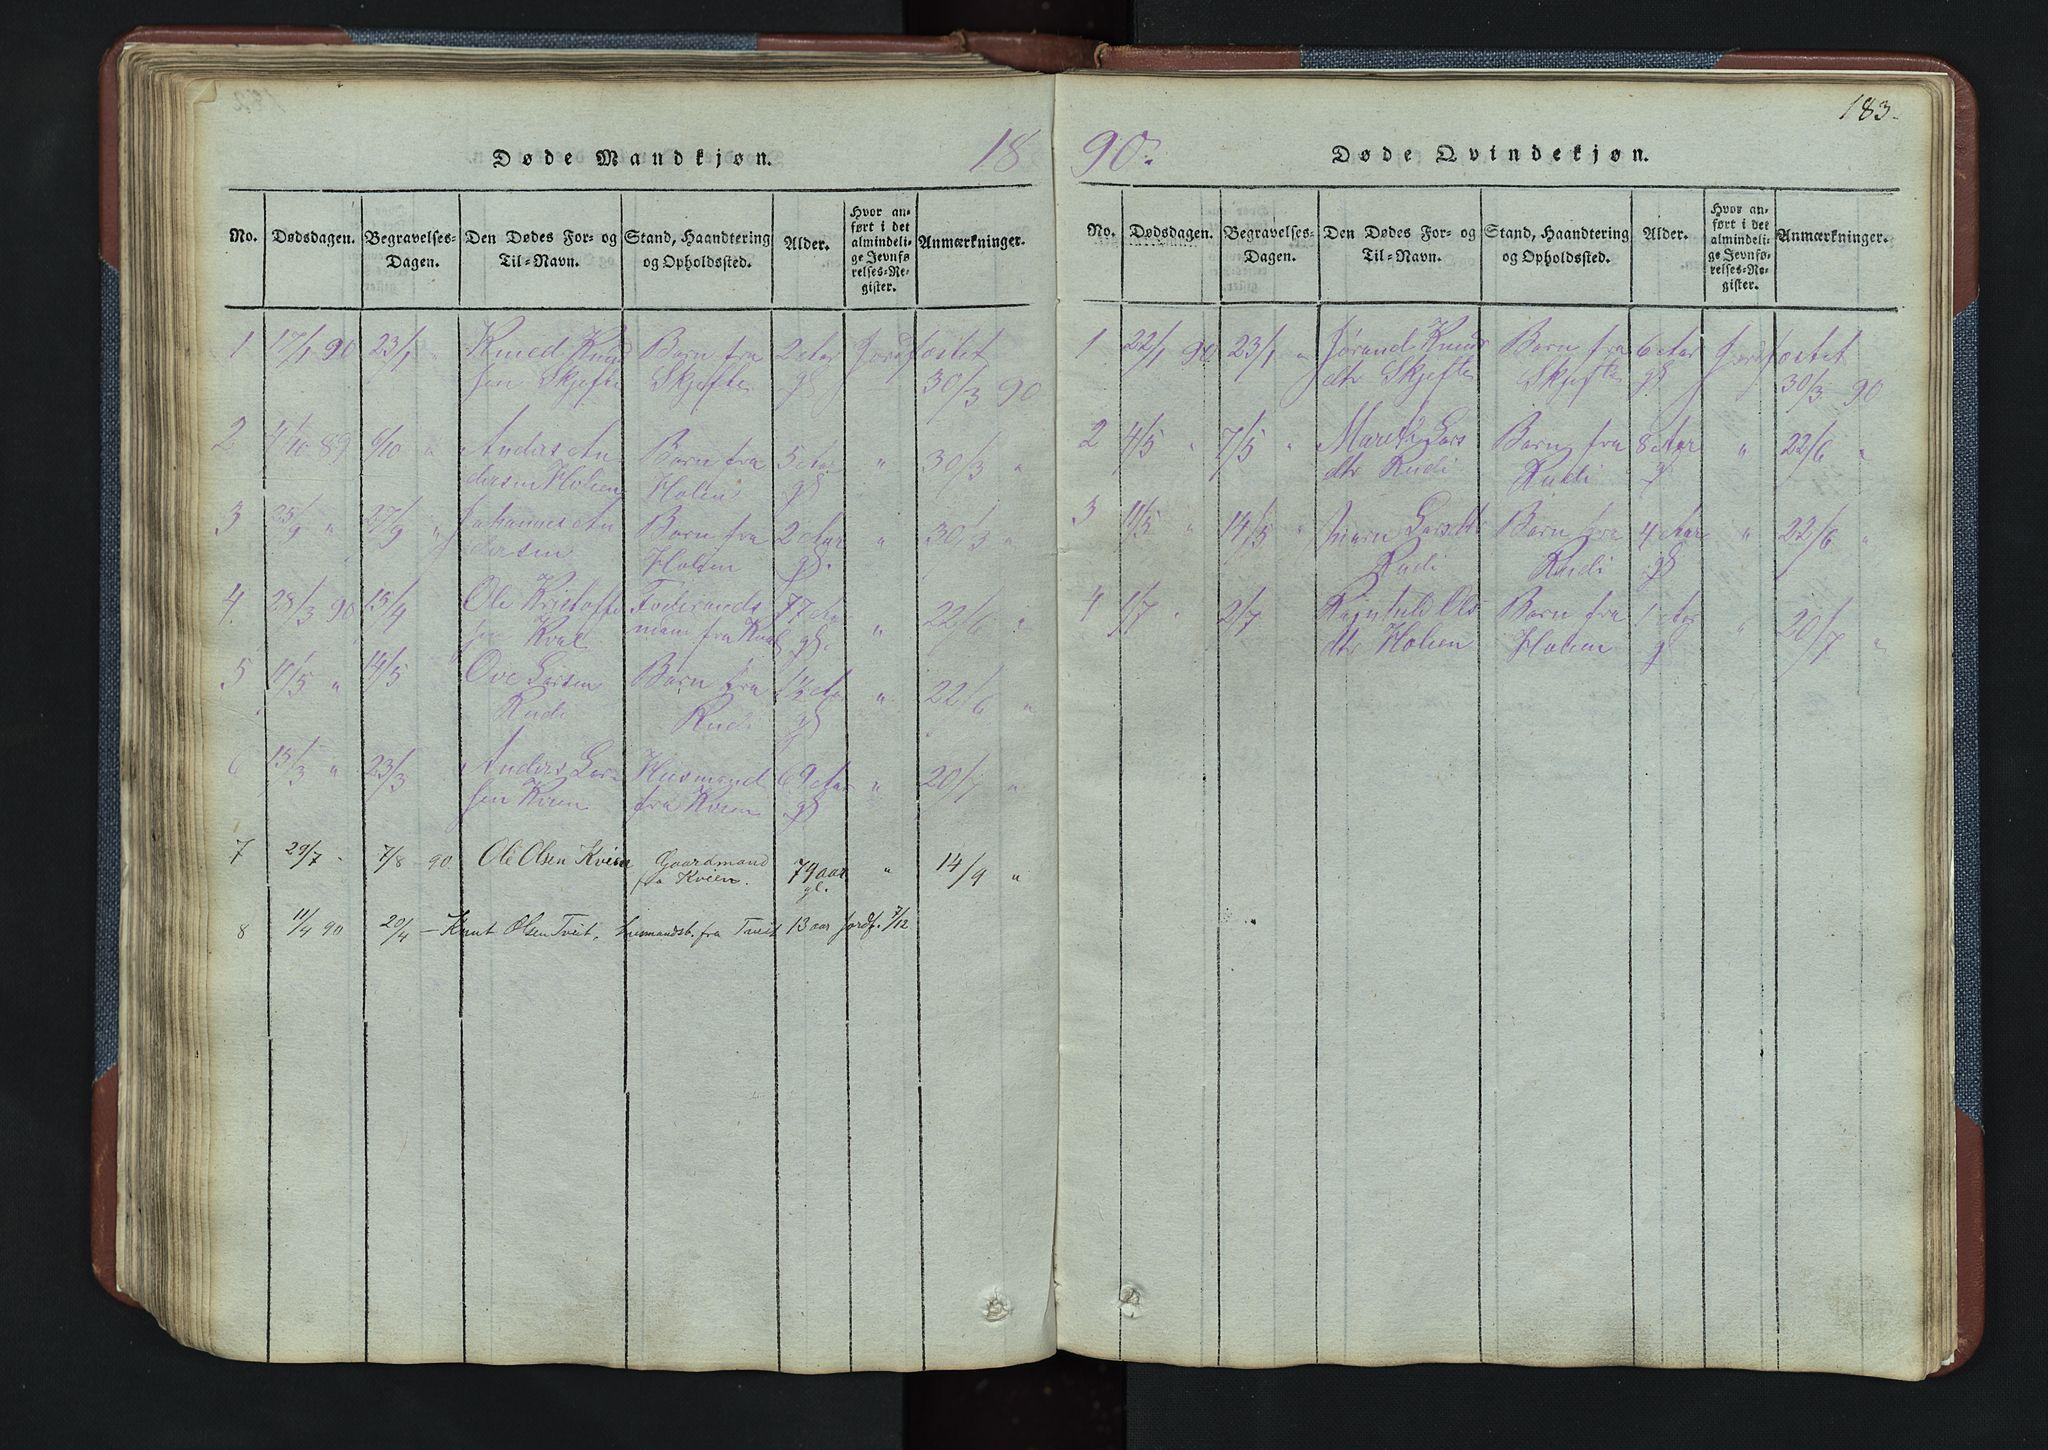 SAH, Vang prestekontor, Valdres, Klokkerbok nr. 3, 1814-1892, s. 183